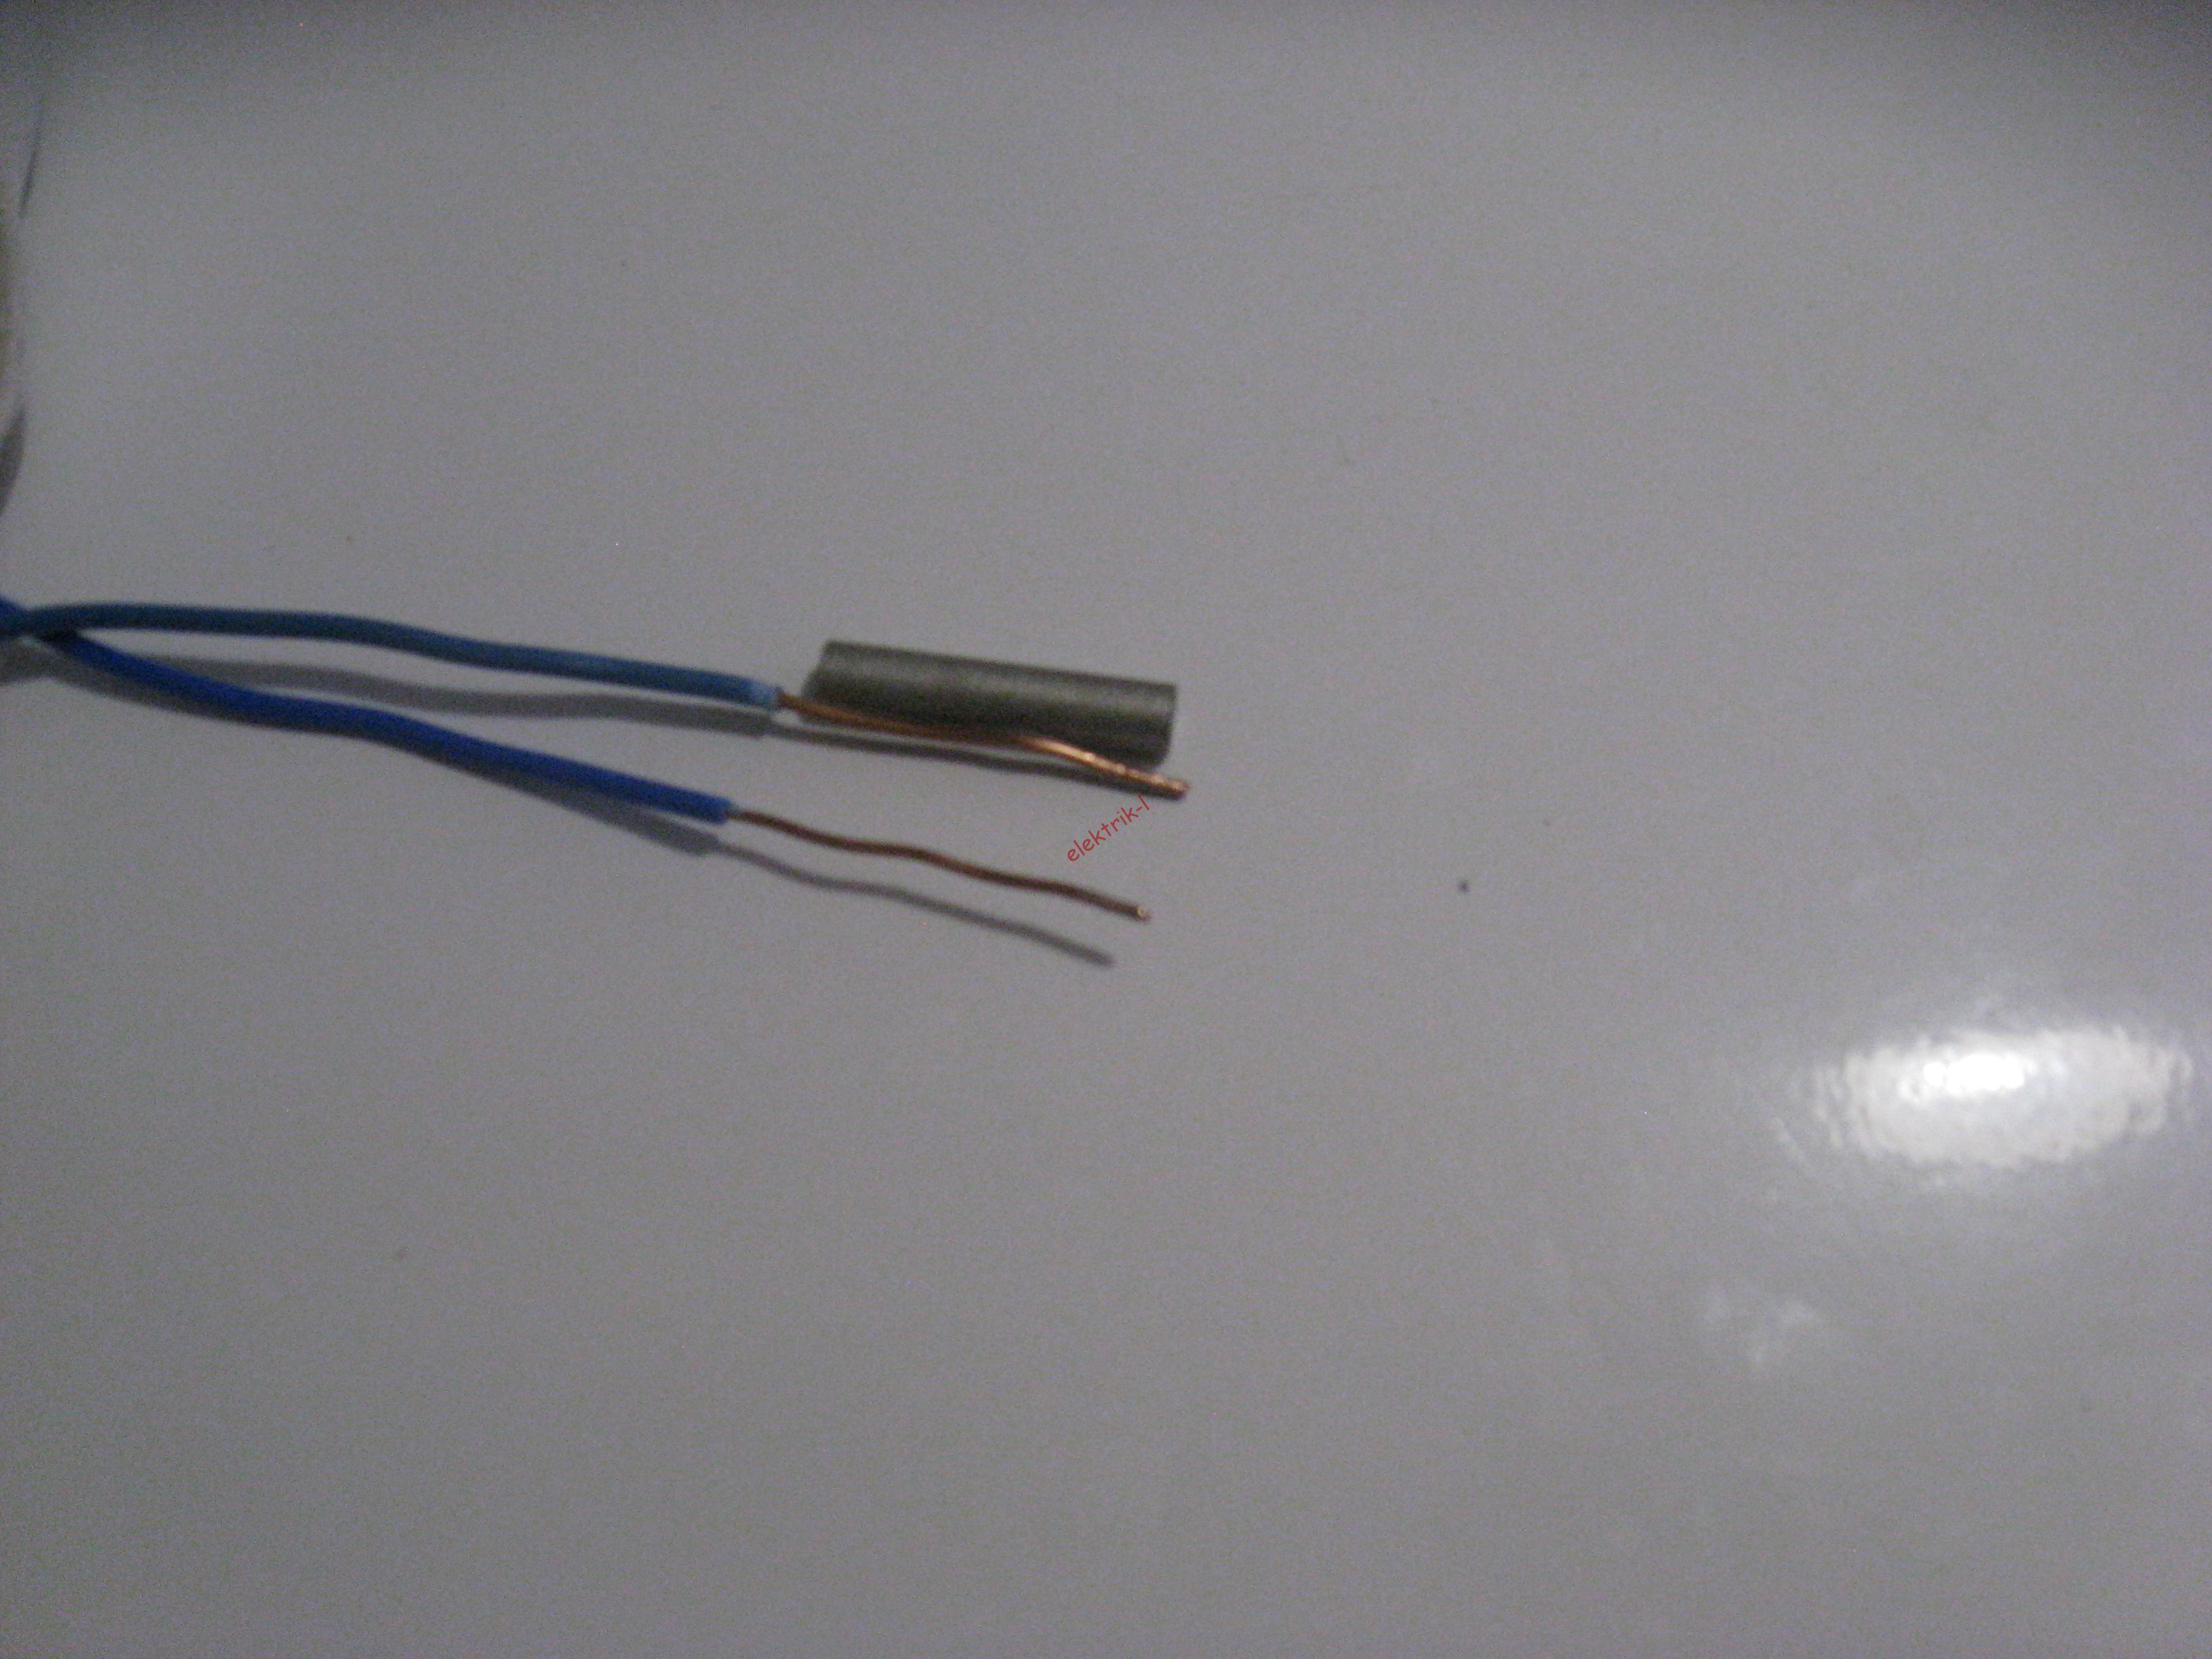 Зачищаем концы проводов на длину, чуть более длины гильзы